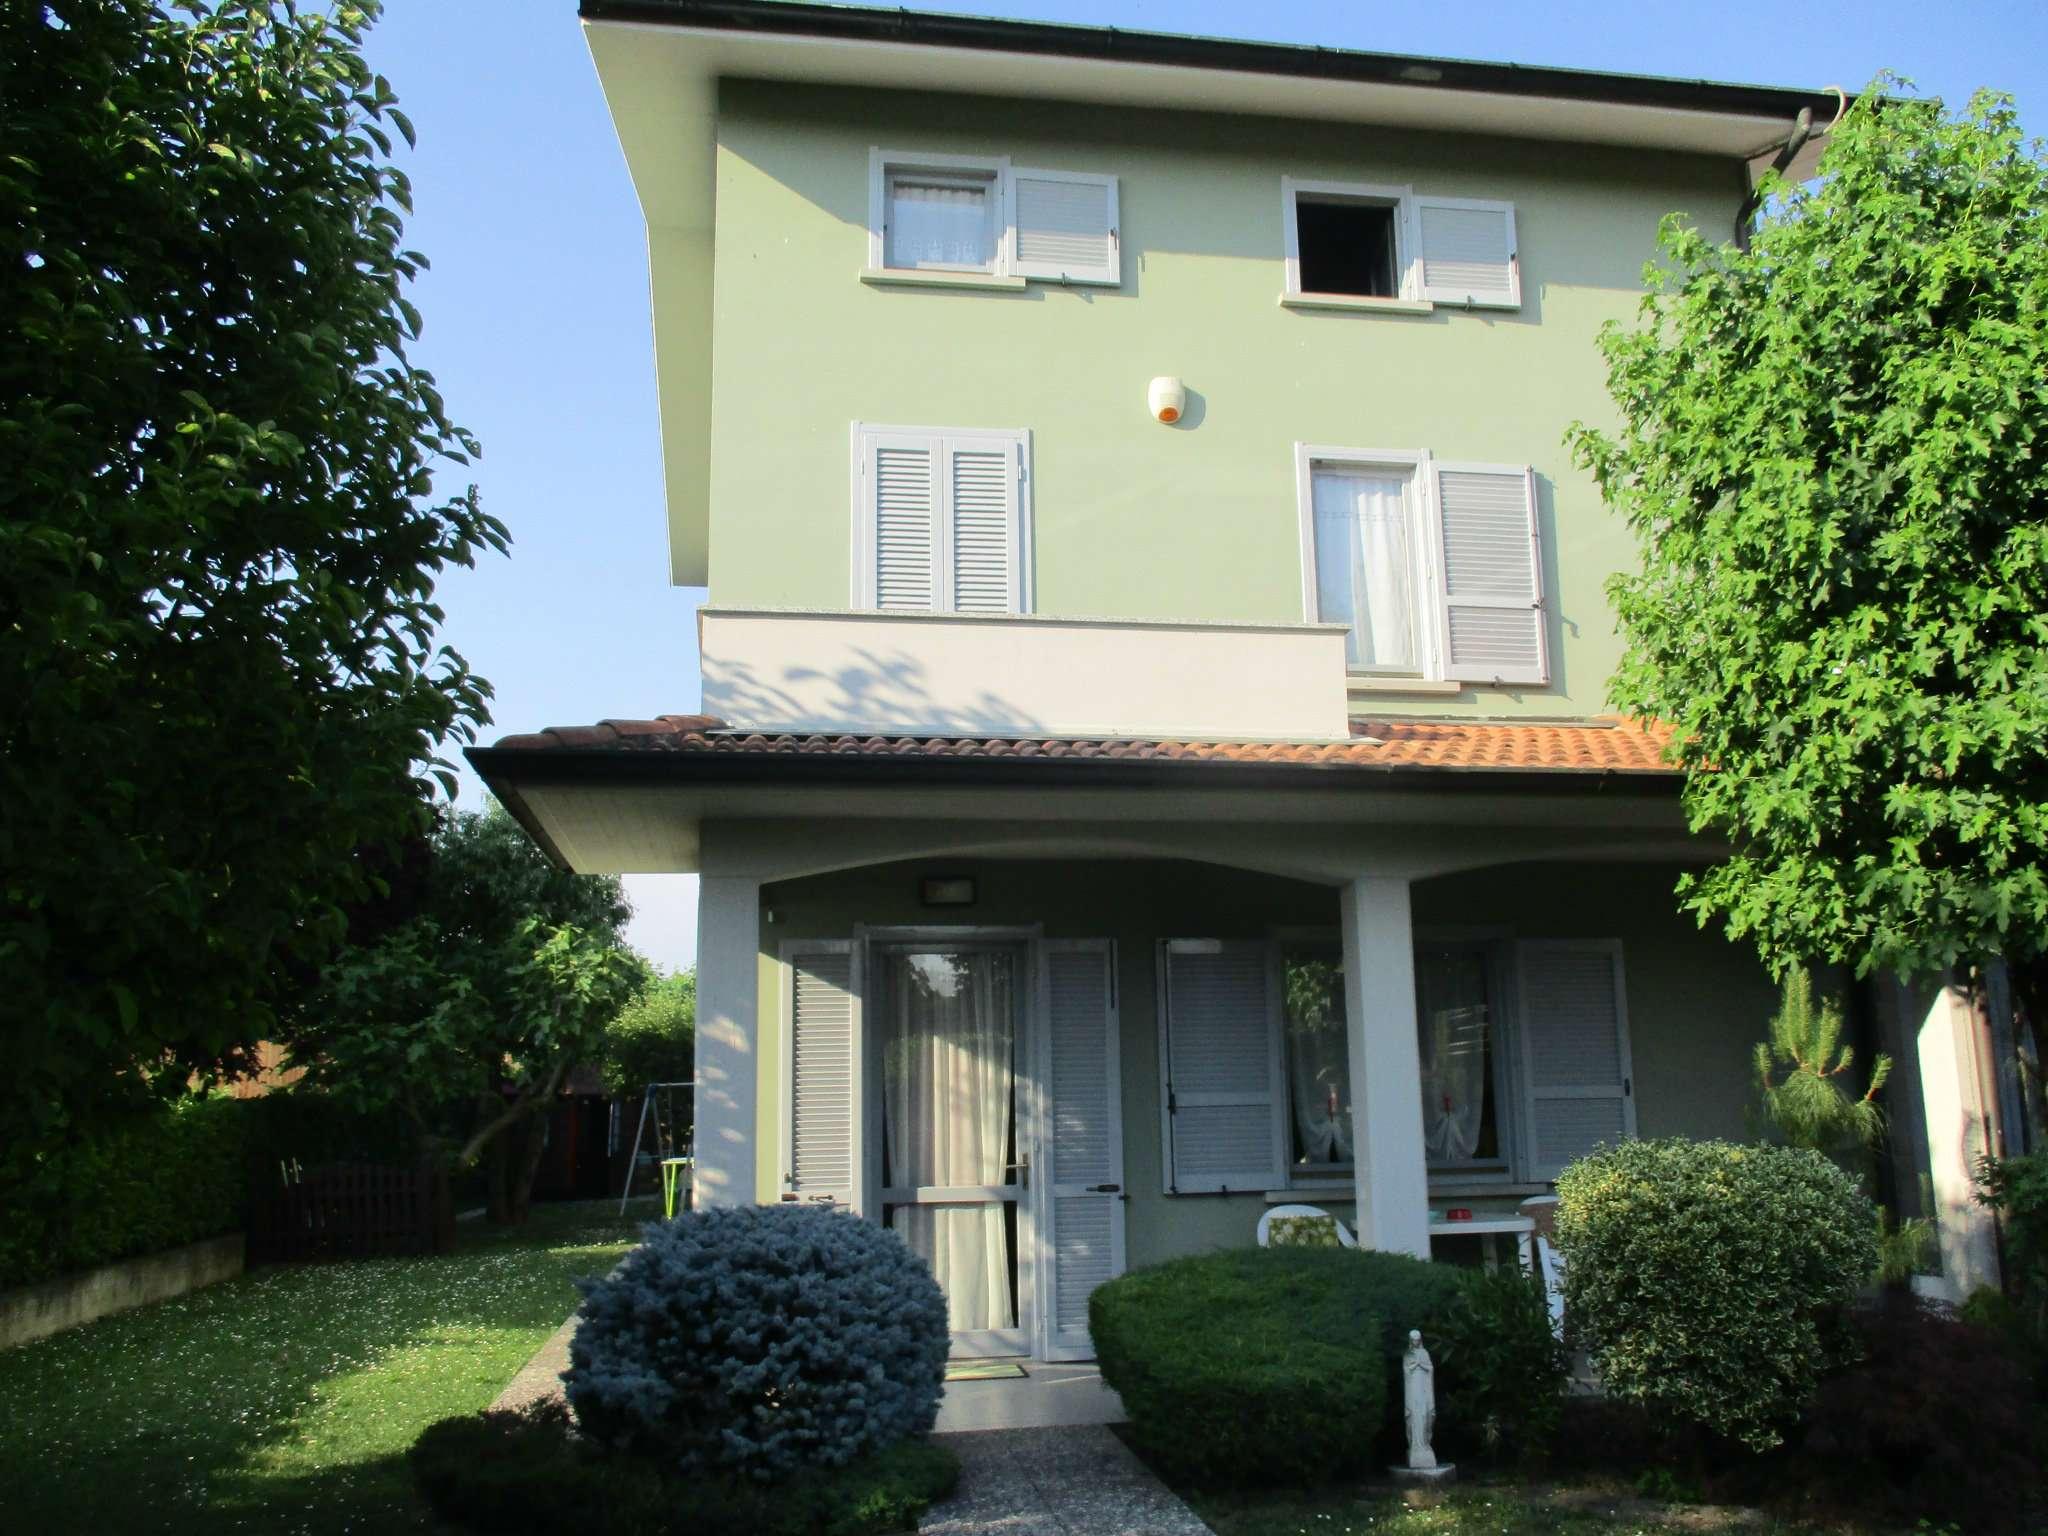 Villa in vendita a Mozzanica, 4 locali, prezzo € 260.000 | CambioCasa.it